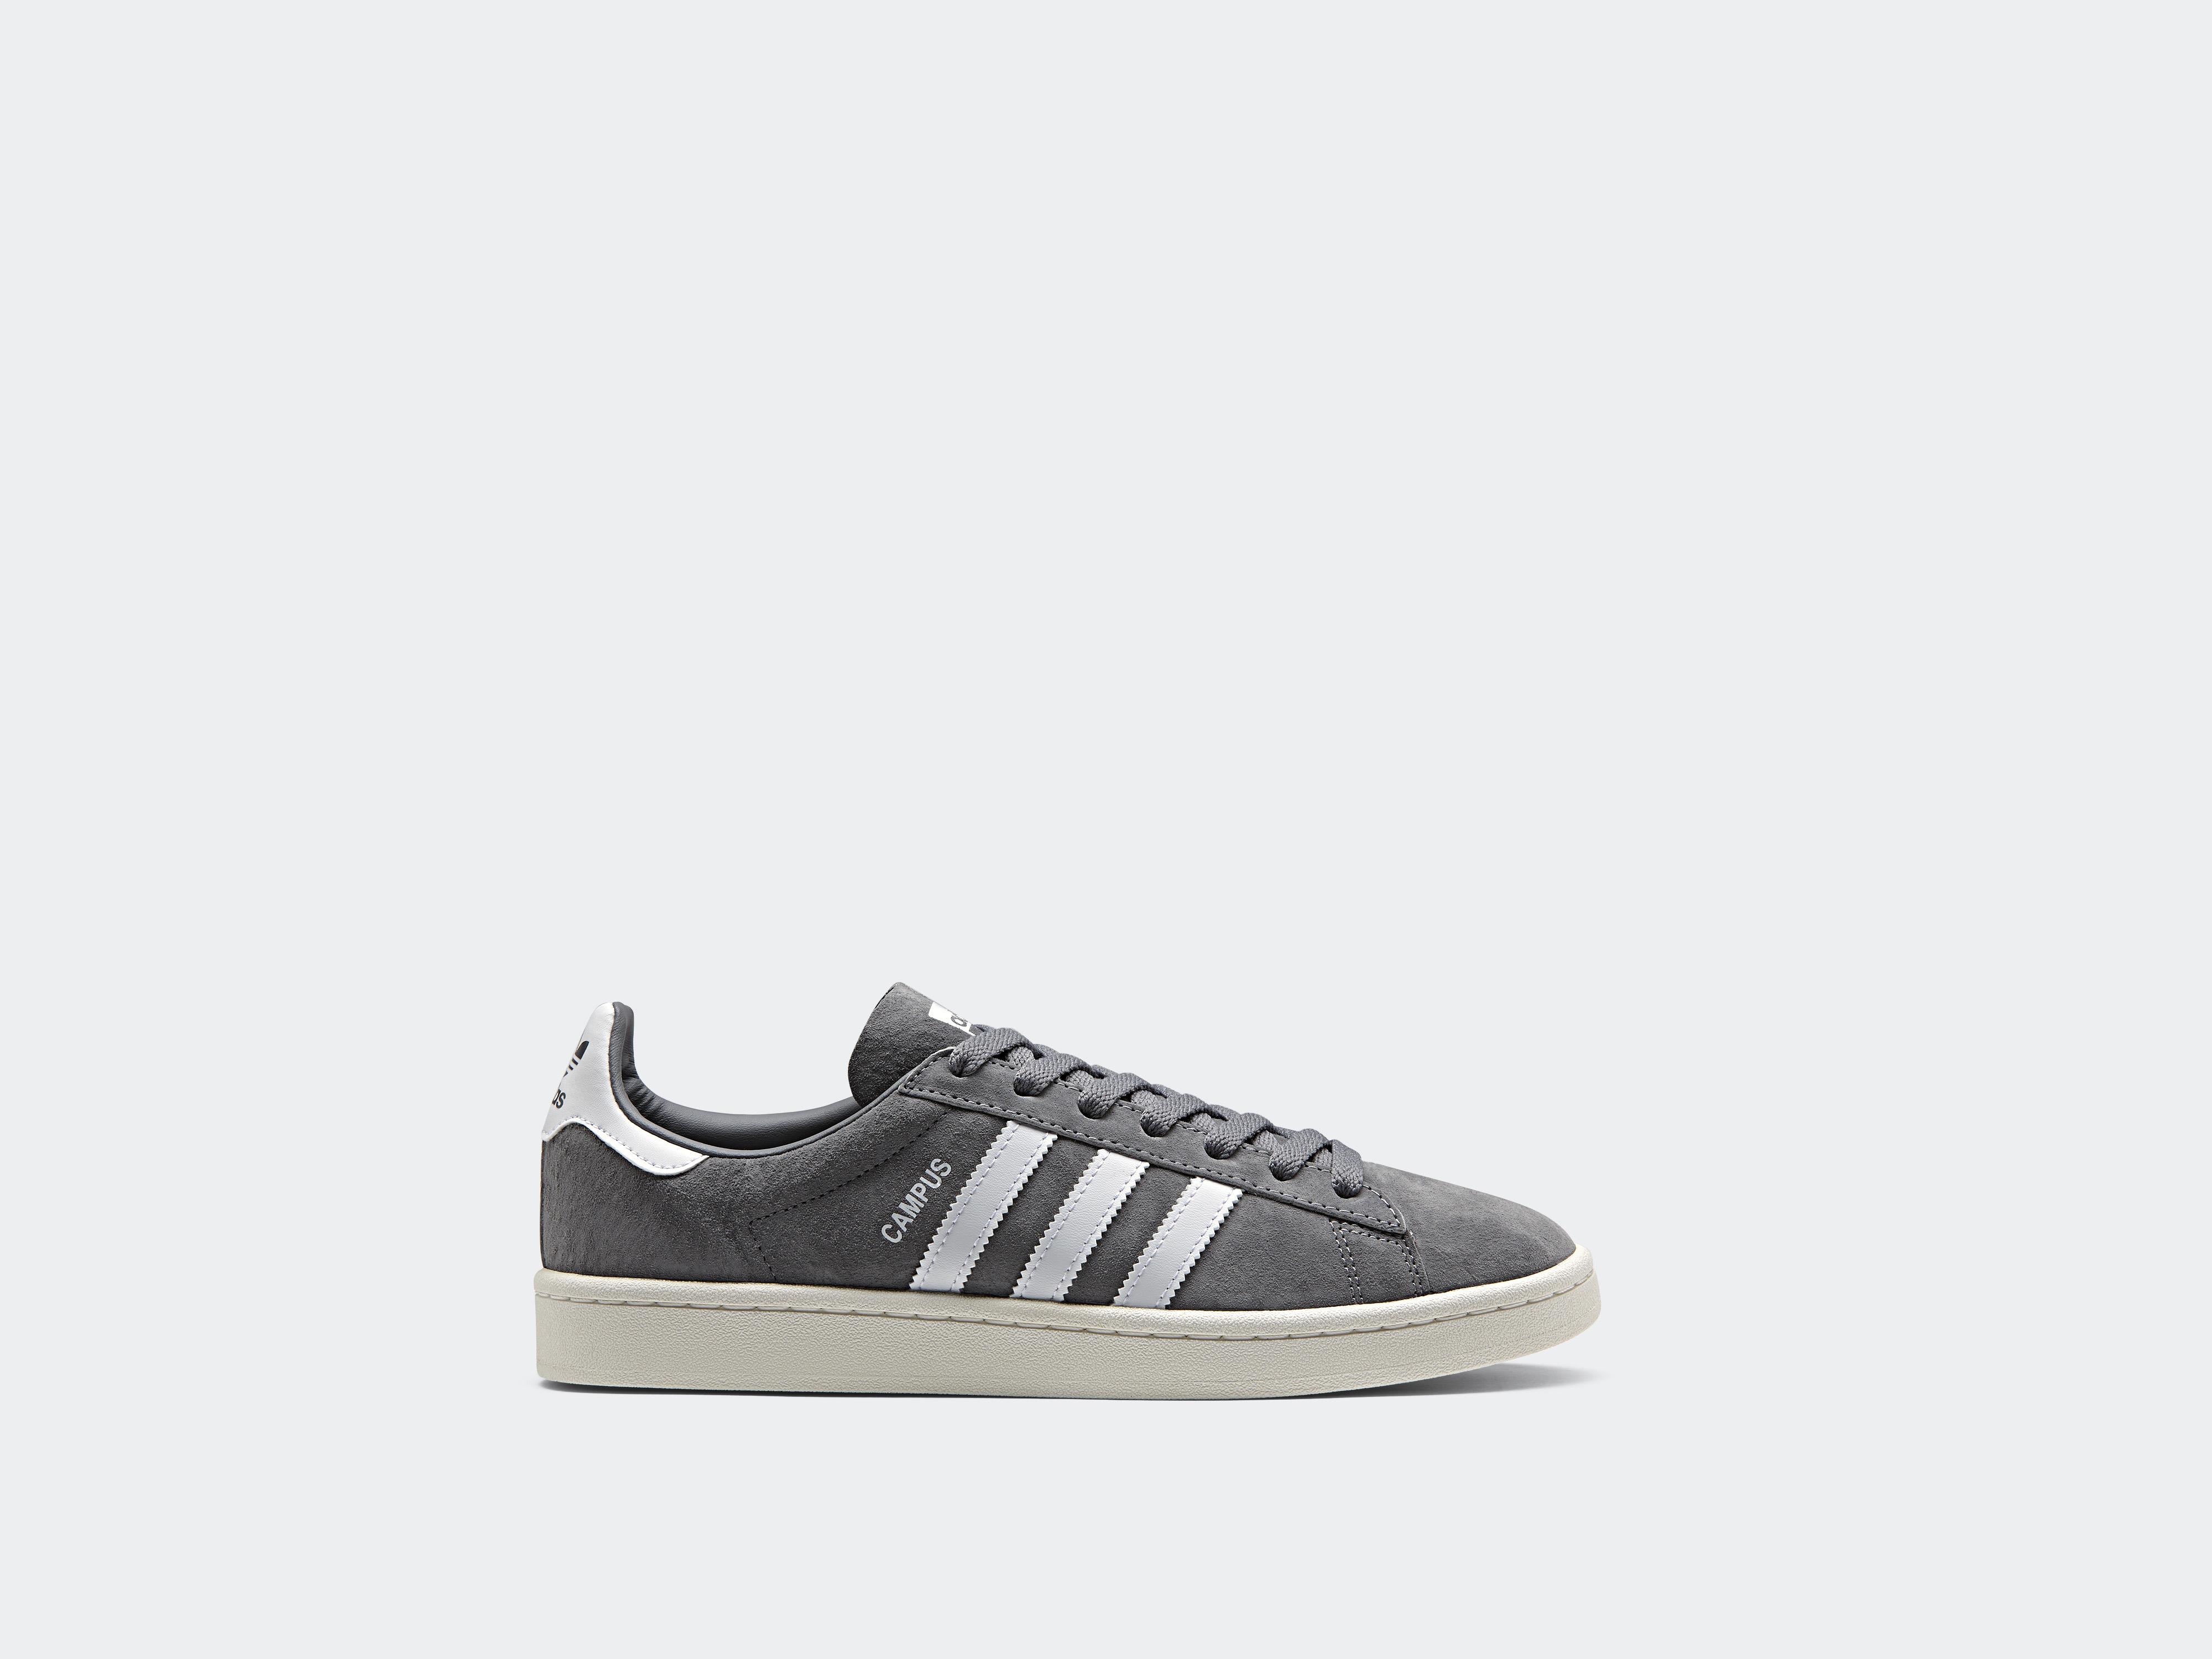 adidas campus grey 2